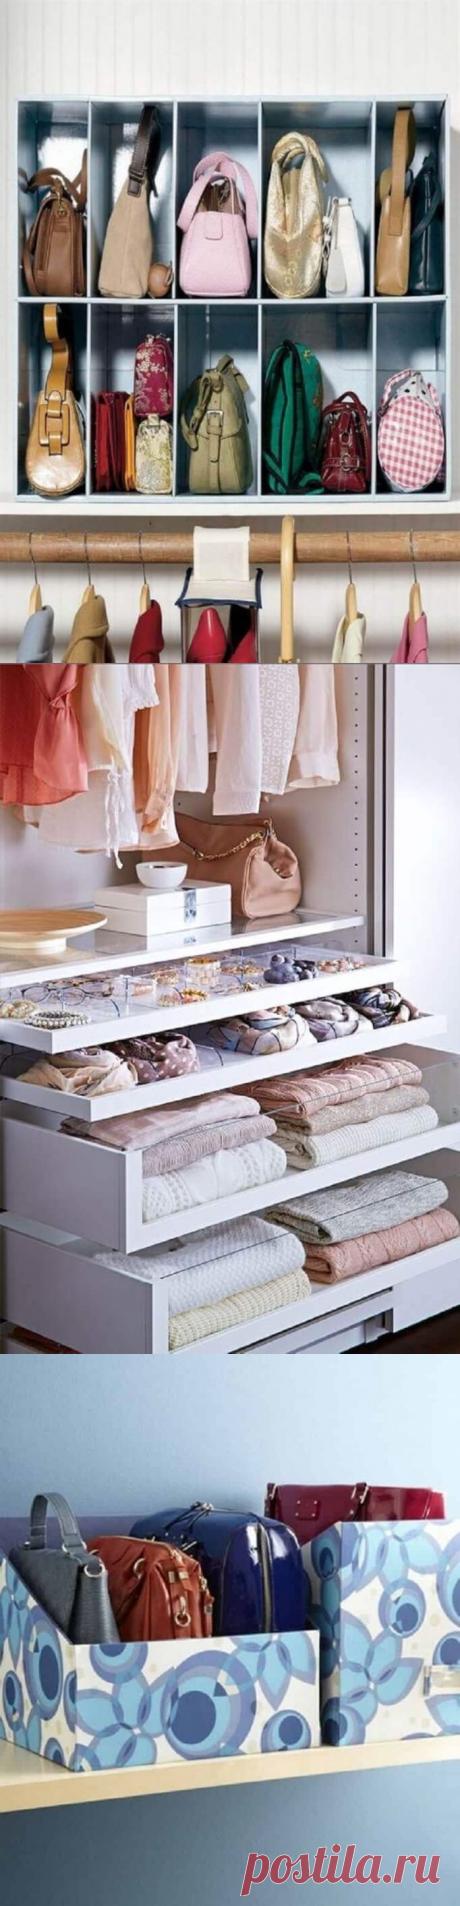 22 офигенных примера, как складывать вещи в шкафу | Тысяча и одна идея